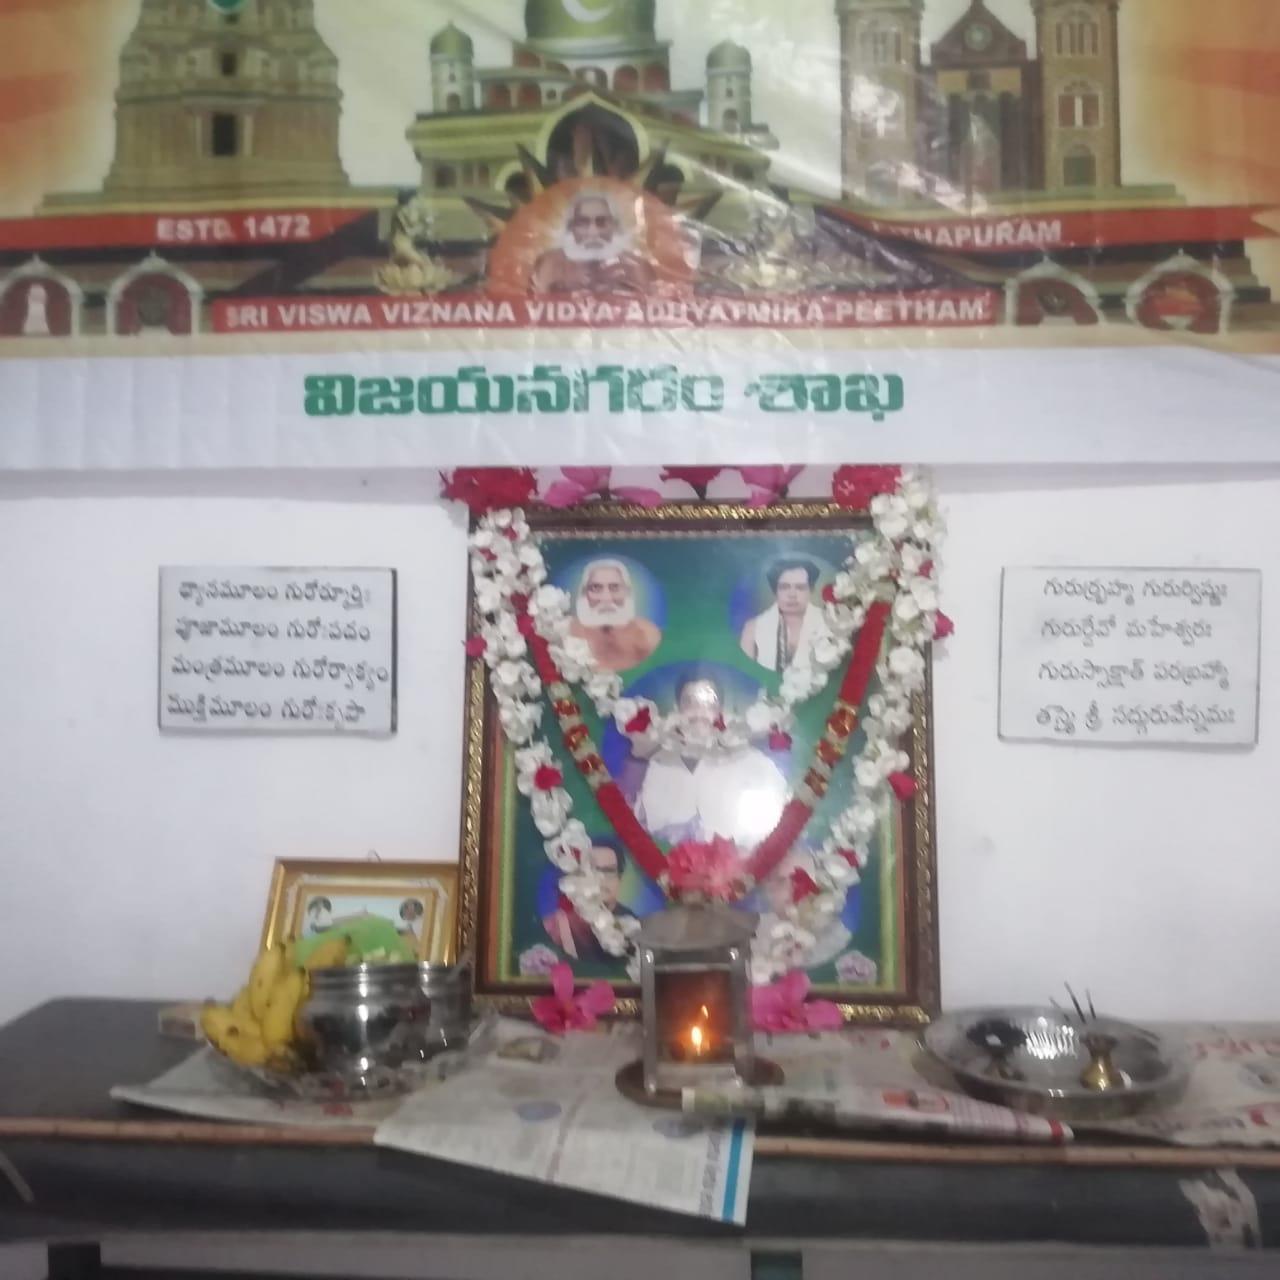 02-WeeklyAaradhana-Vizianagaram-05March2020